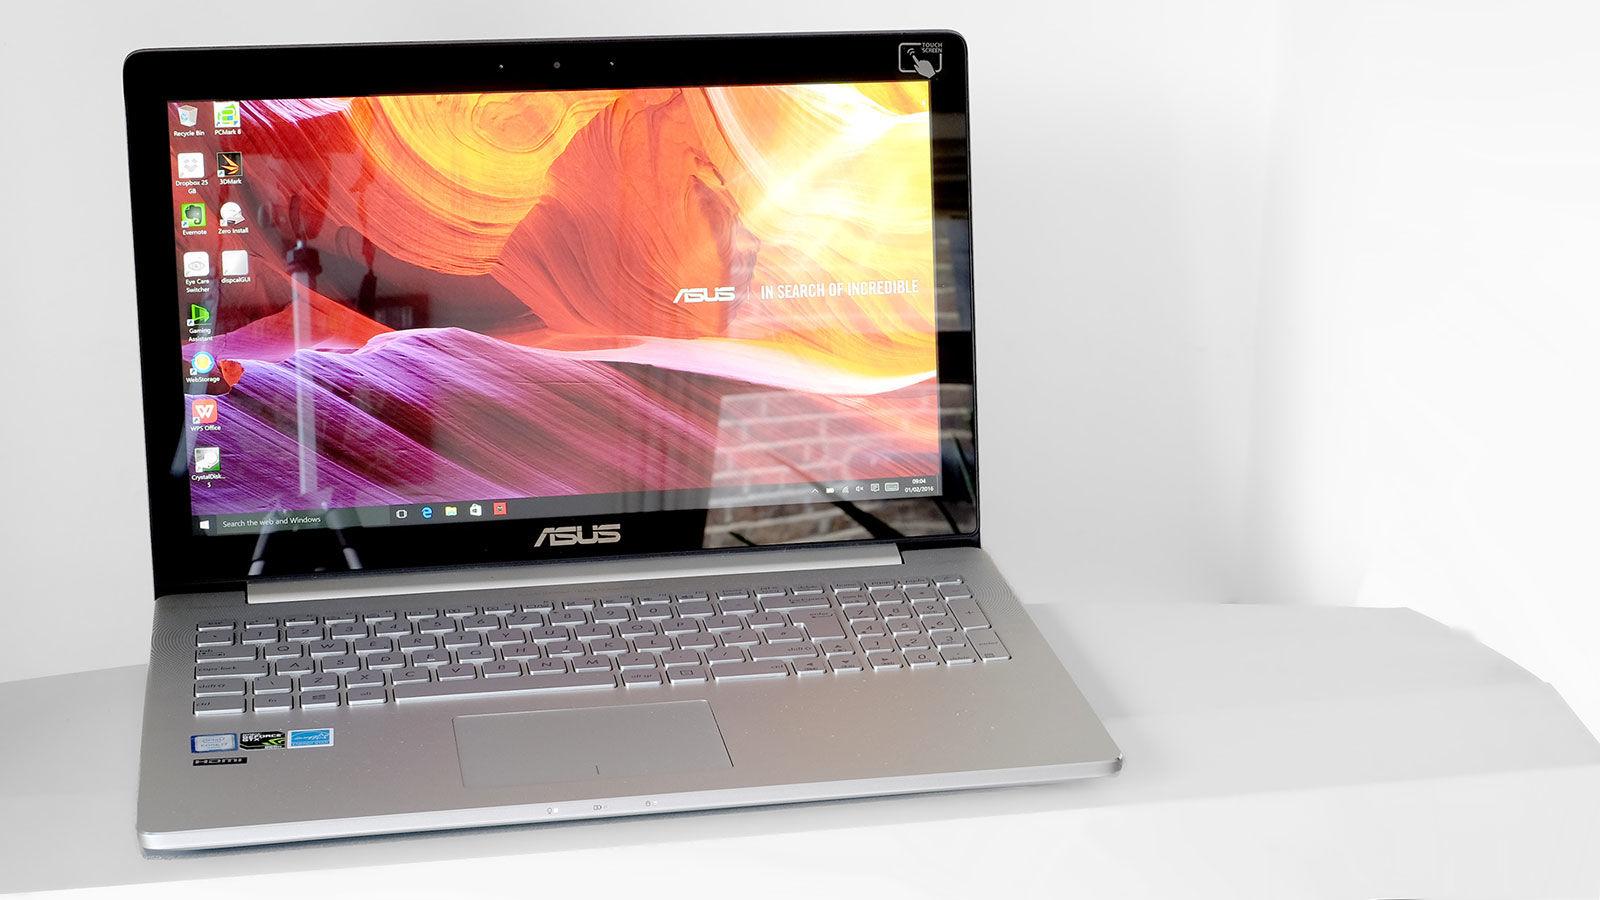 Asus zenbook pro ux50z